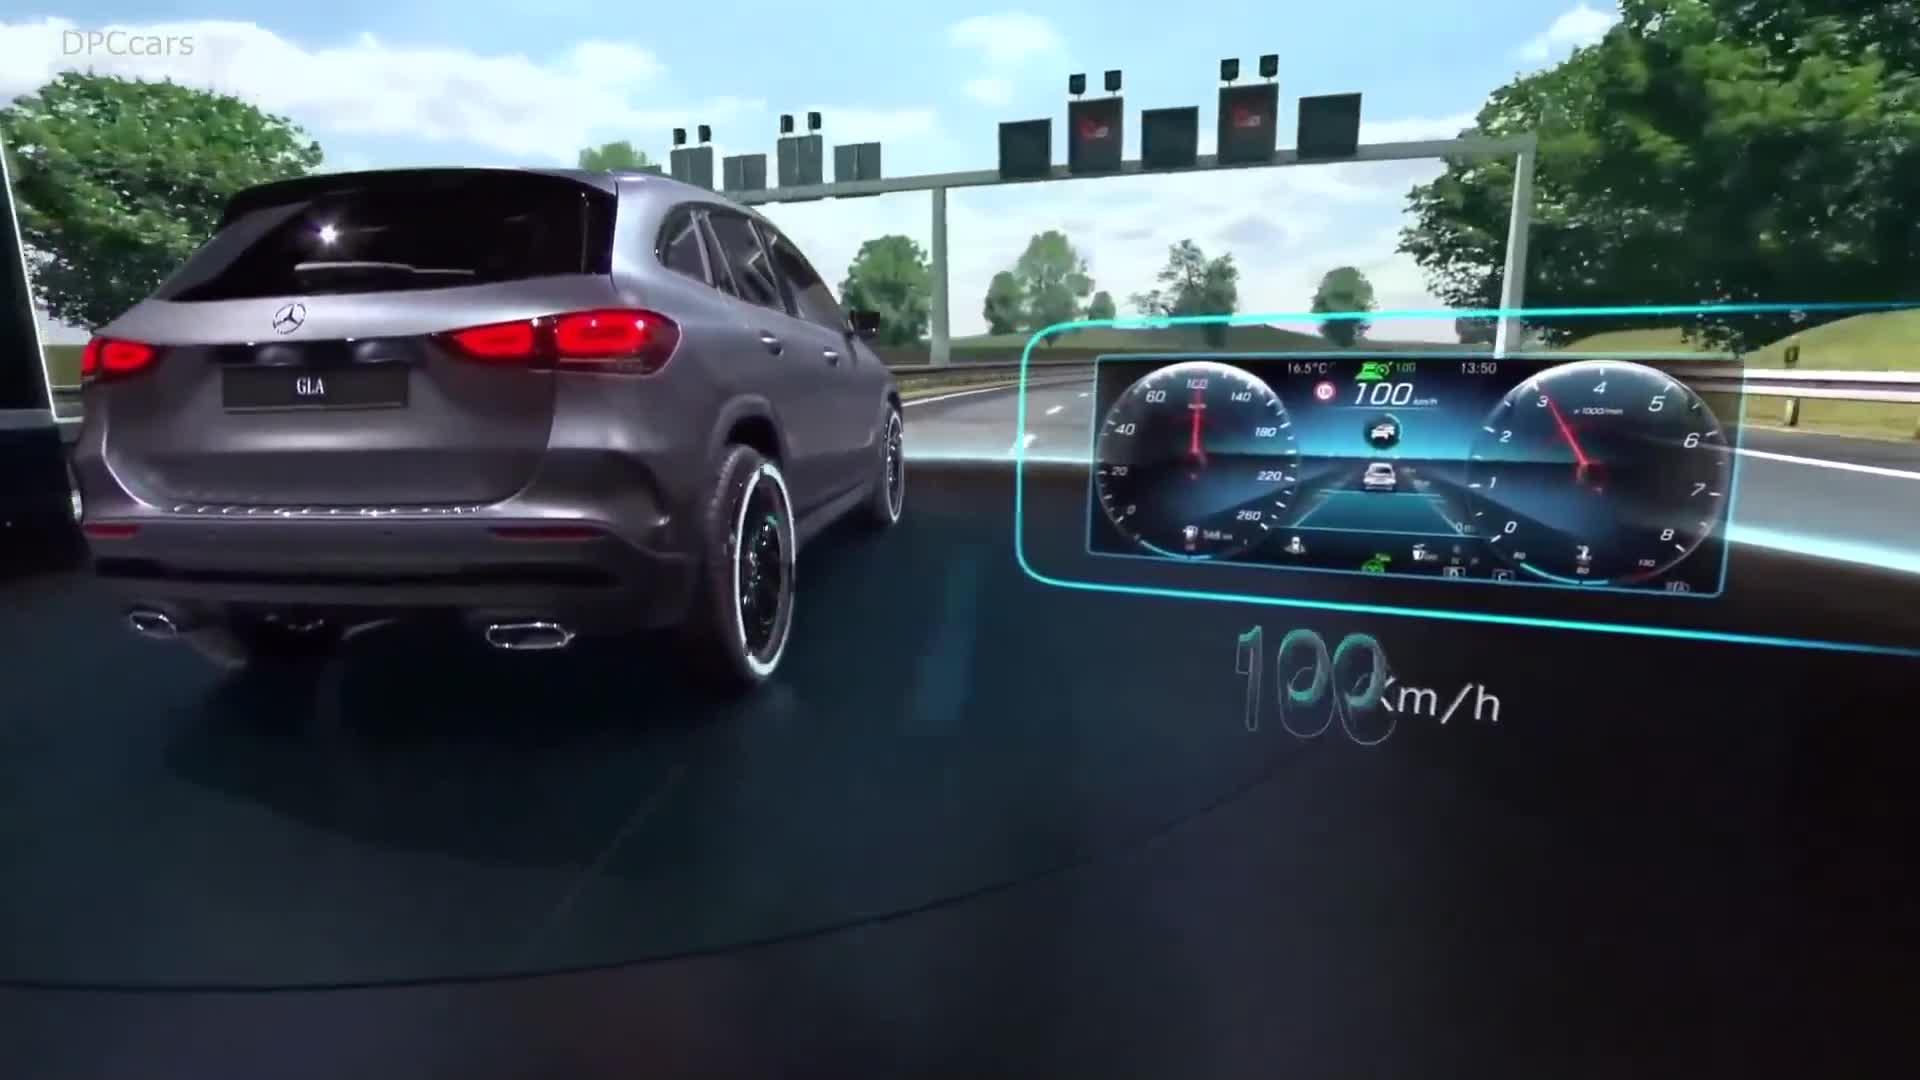 Ra mắt Mercedes-Benz GLA 2021